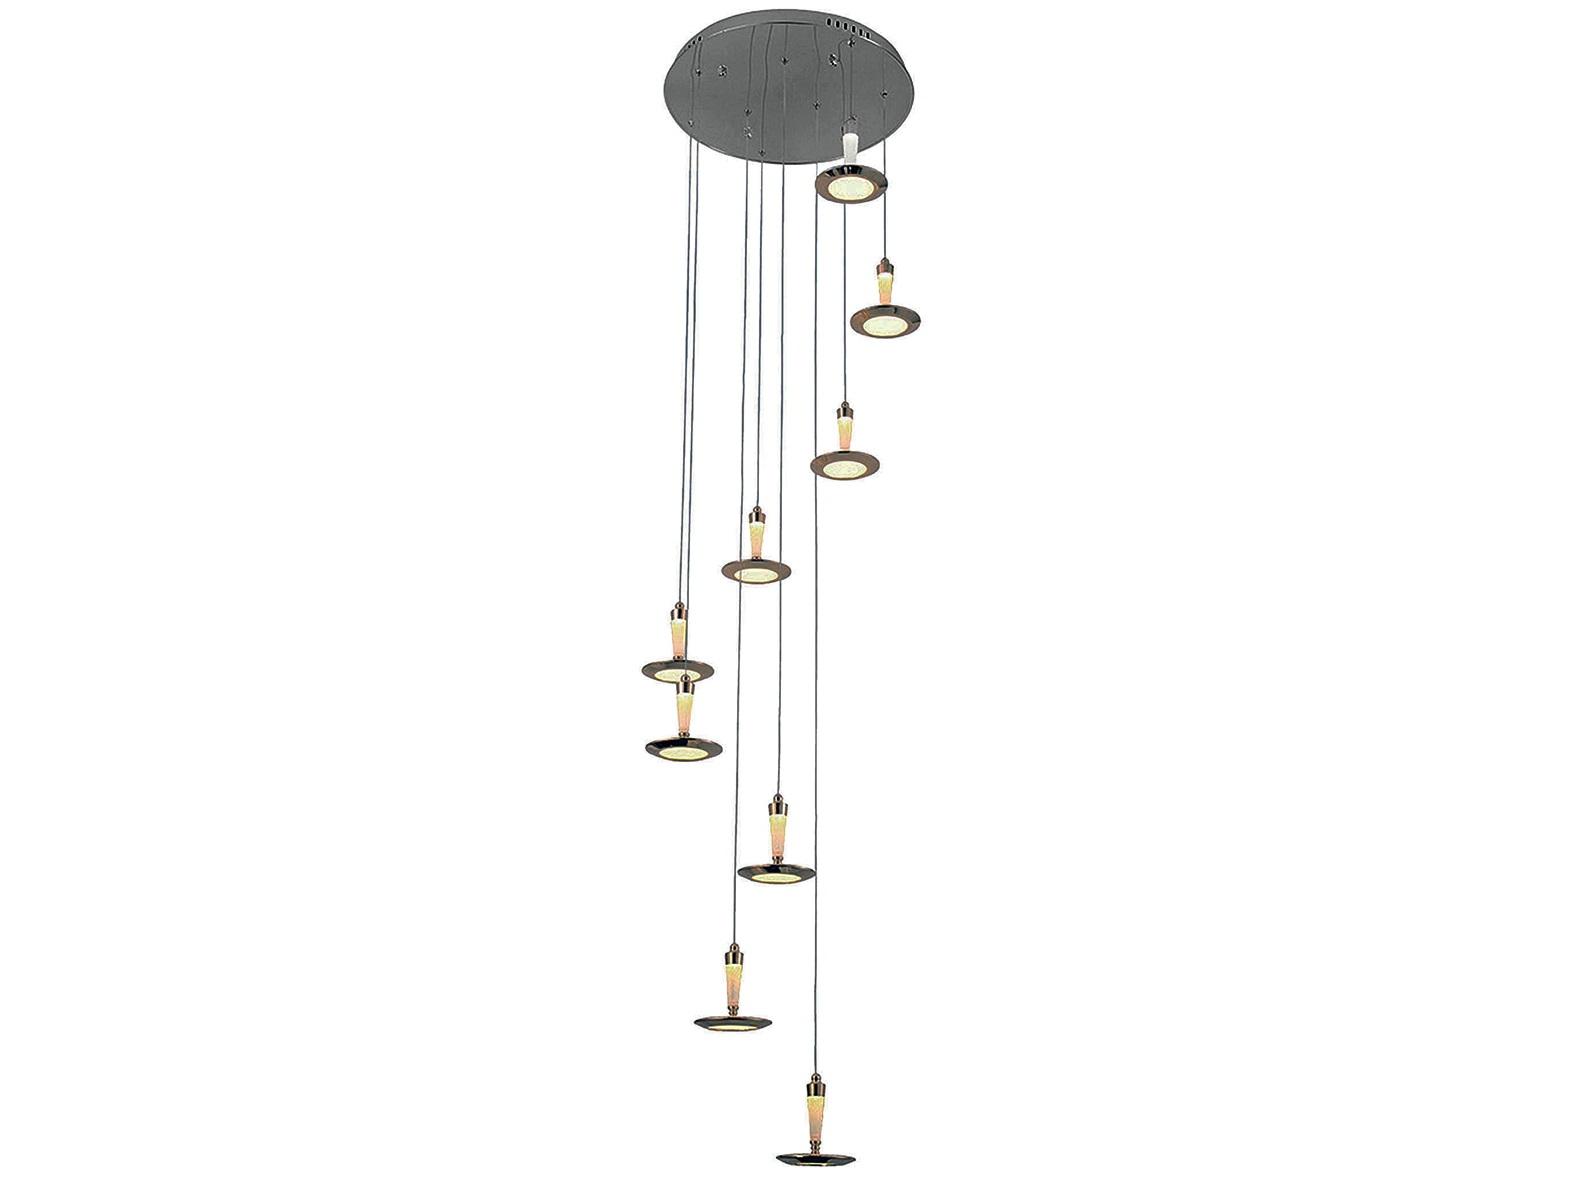 Подвесной светильник СпайкПодвесные светильники<br>&amp;lt;div&amp;gt;&amp;lt;div&amp;gt;Вид цоколя: LED (4000К)&amp;lt;/div&amp;gt;&amp;lt;div&amp;gt;Мощность:&amp;amp;nbsp; 9W&amp;lt;/div&amp;gt;&amp;lt;div&amp;gt;Количество ламп: 9 (в комплекте)&amp;lt;/div&amp;gt;&amp;lt;/div&amp;gt;&amp;lt;div&amp;gt;&amp;lt;br&amp;gt;&amp;lt;/div&amp;gt;&amp;lt;div&amp;gt;Материал: металл, акрил&amp;lt;/div&amp;gt;<br><br>Material: Металл<br>Высота см: 200.0